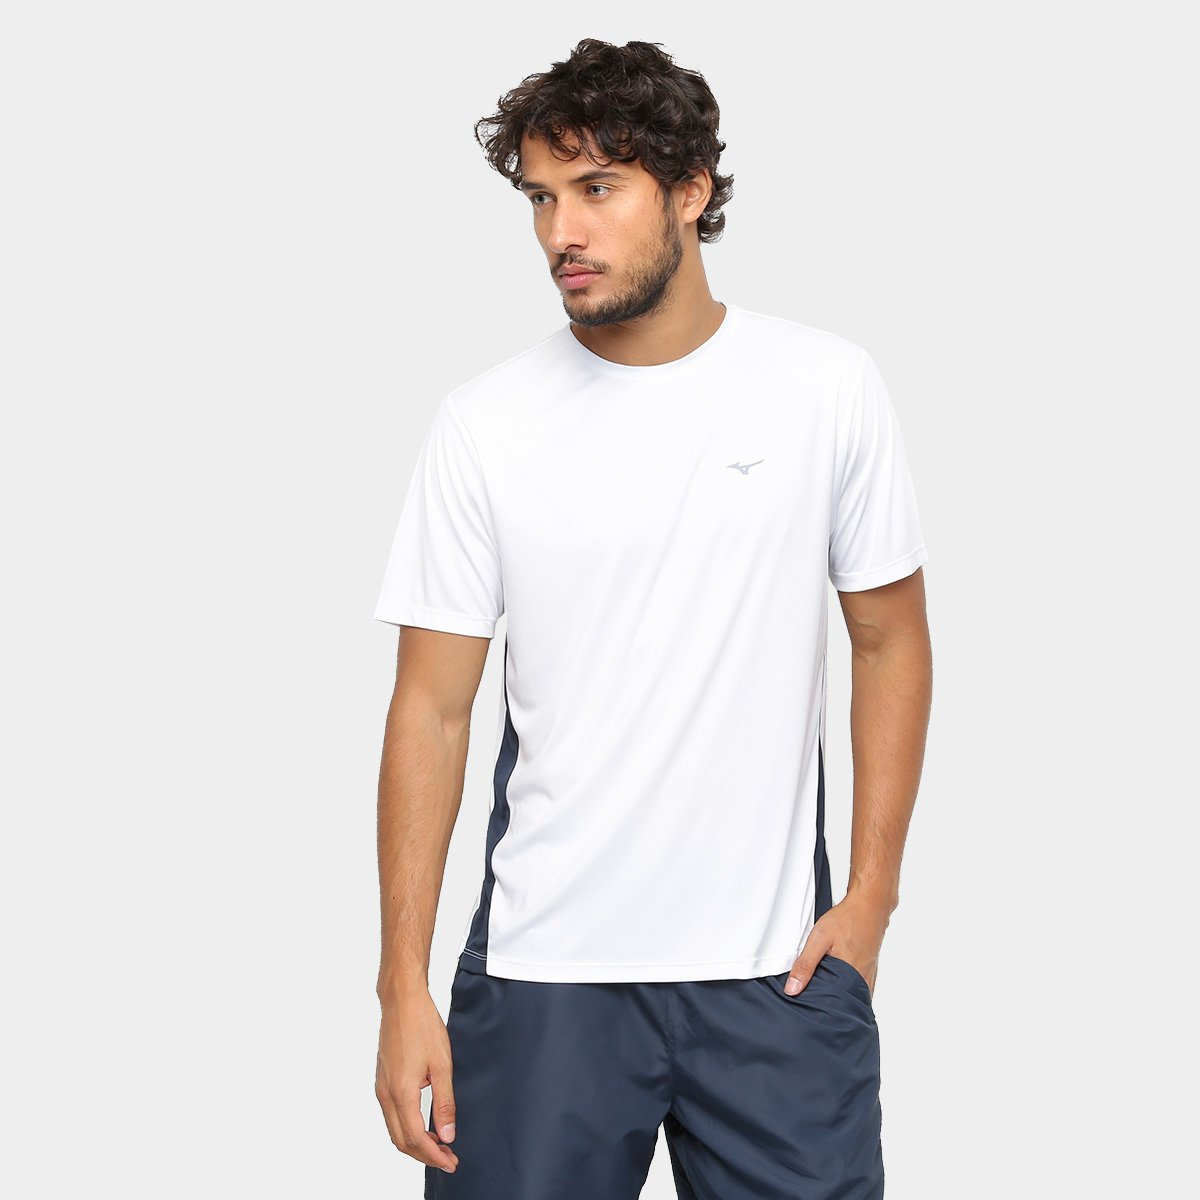 dfc434bc86 Camiseta Mizuno Wave Run New Masculina - Branco e Cinza - Compre ...